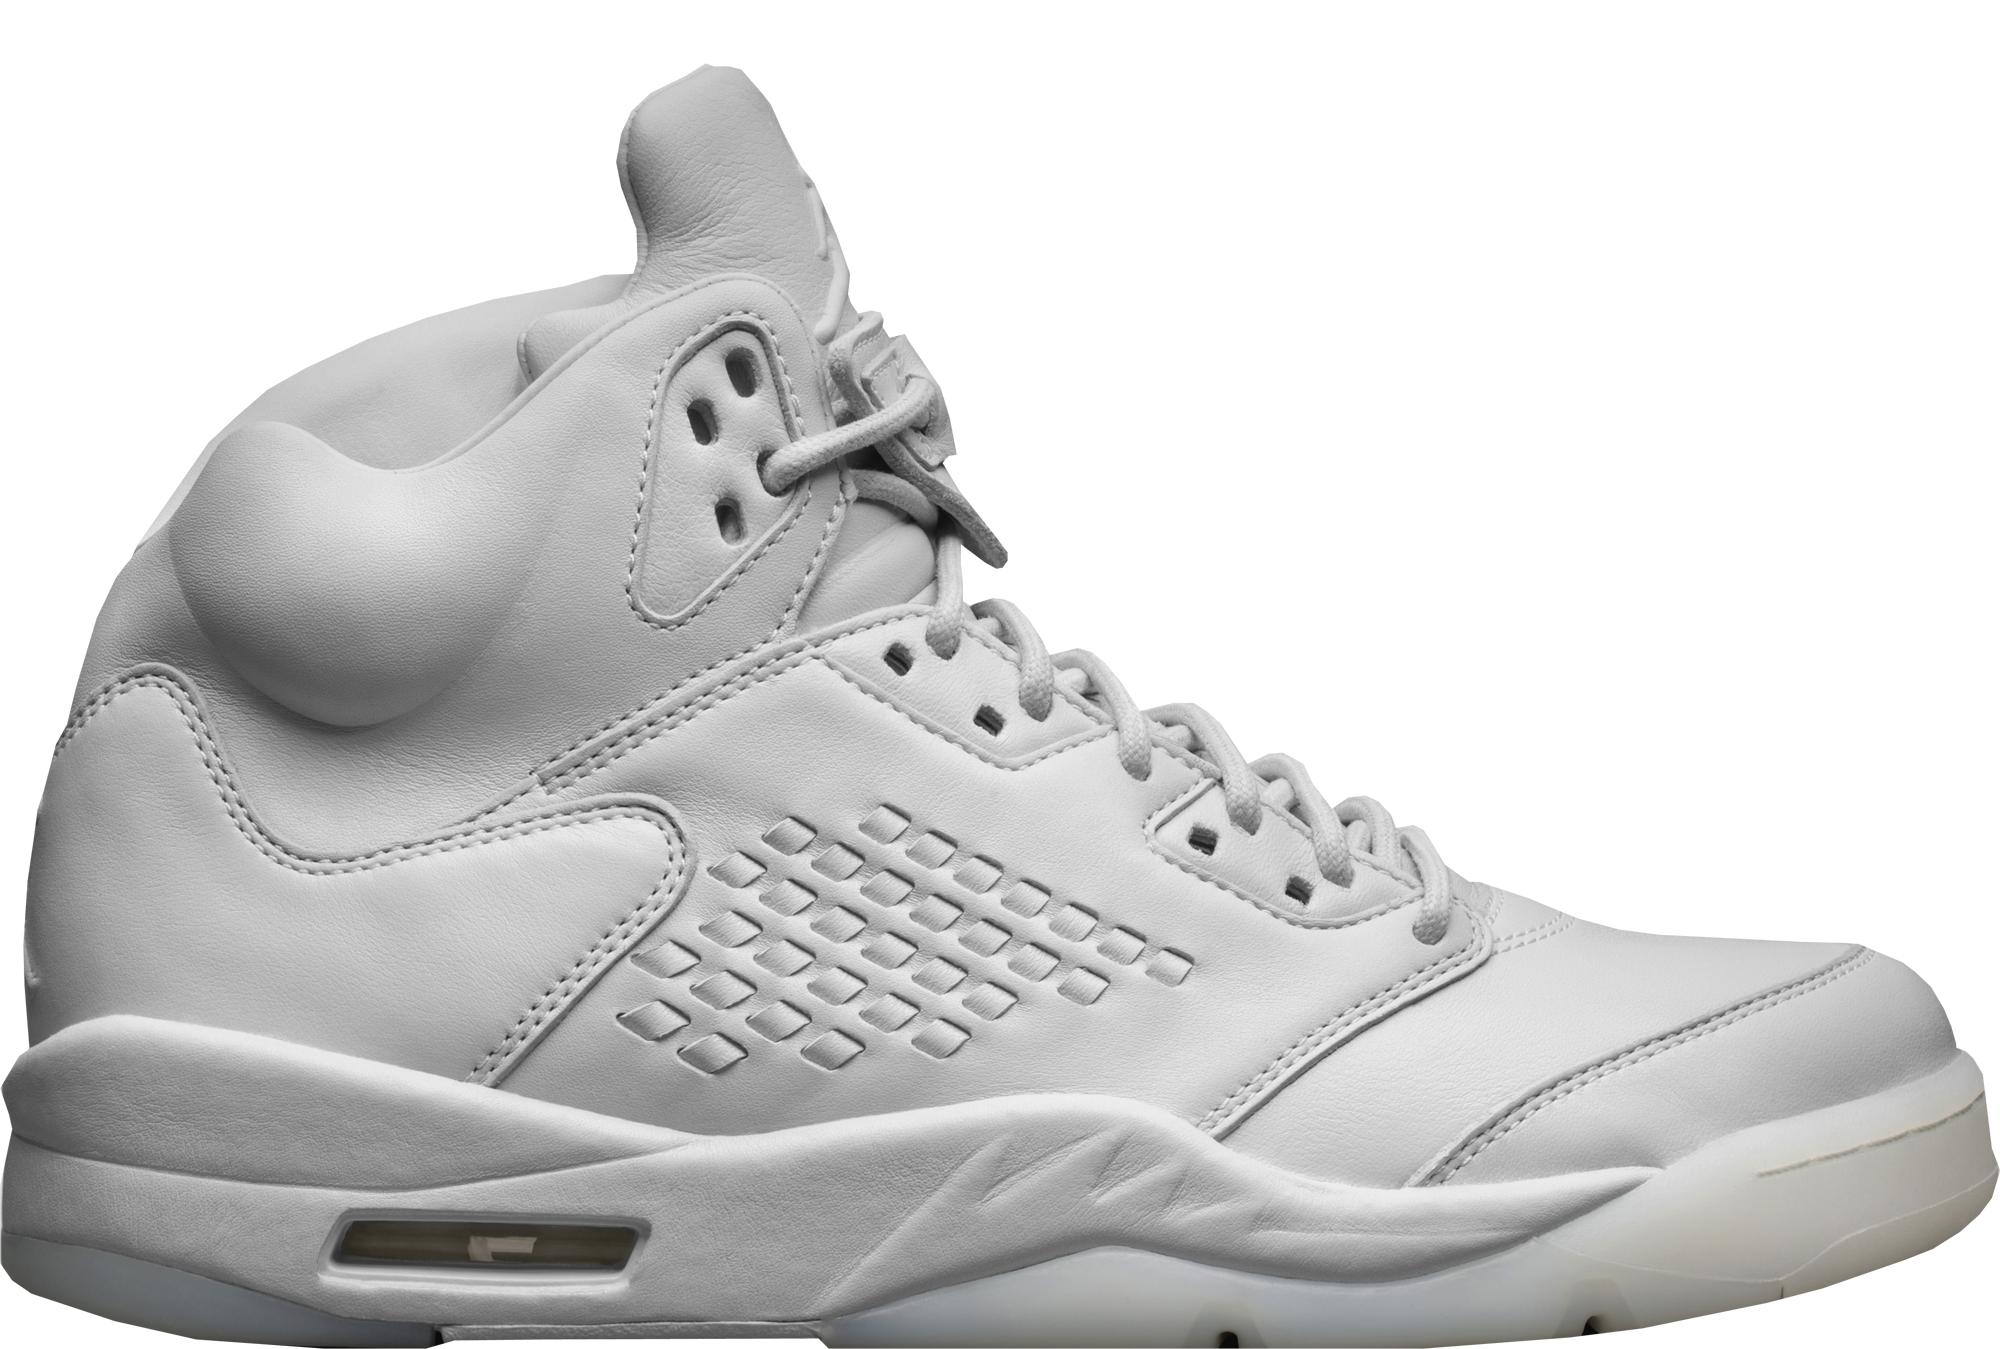 Jordan 5 Retro Pure Platinum